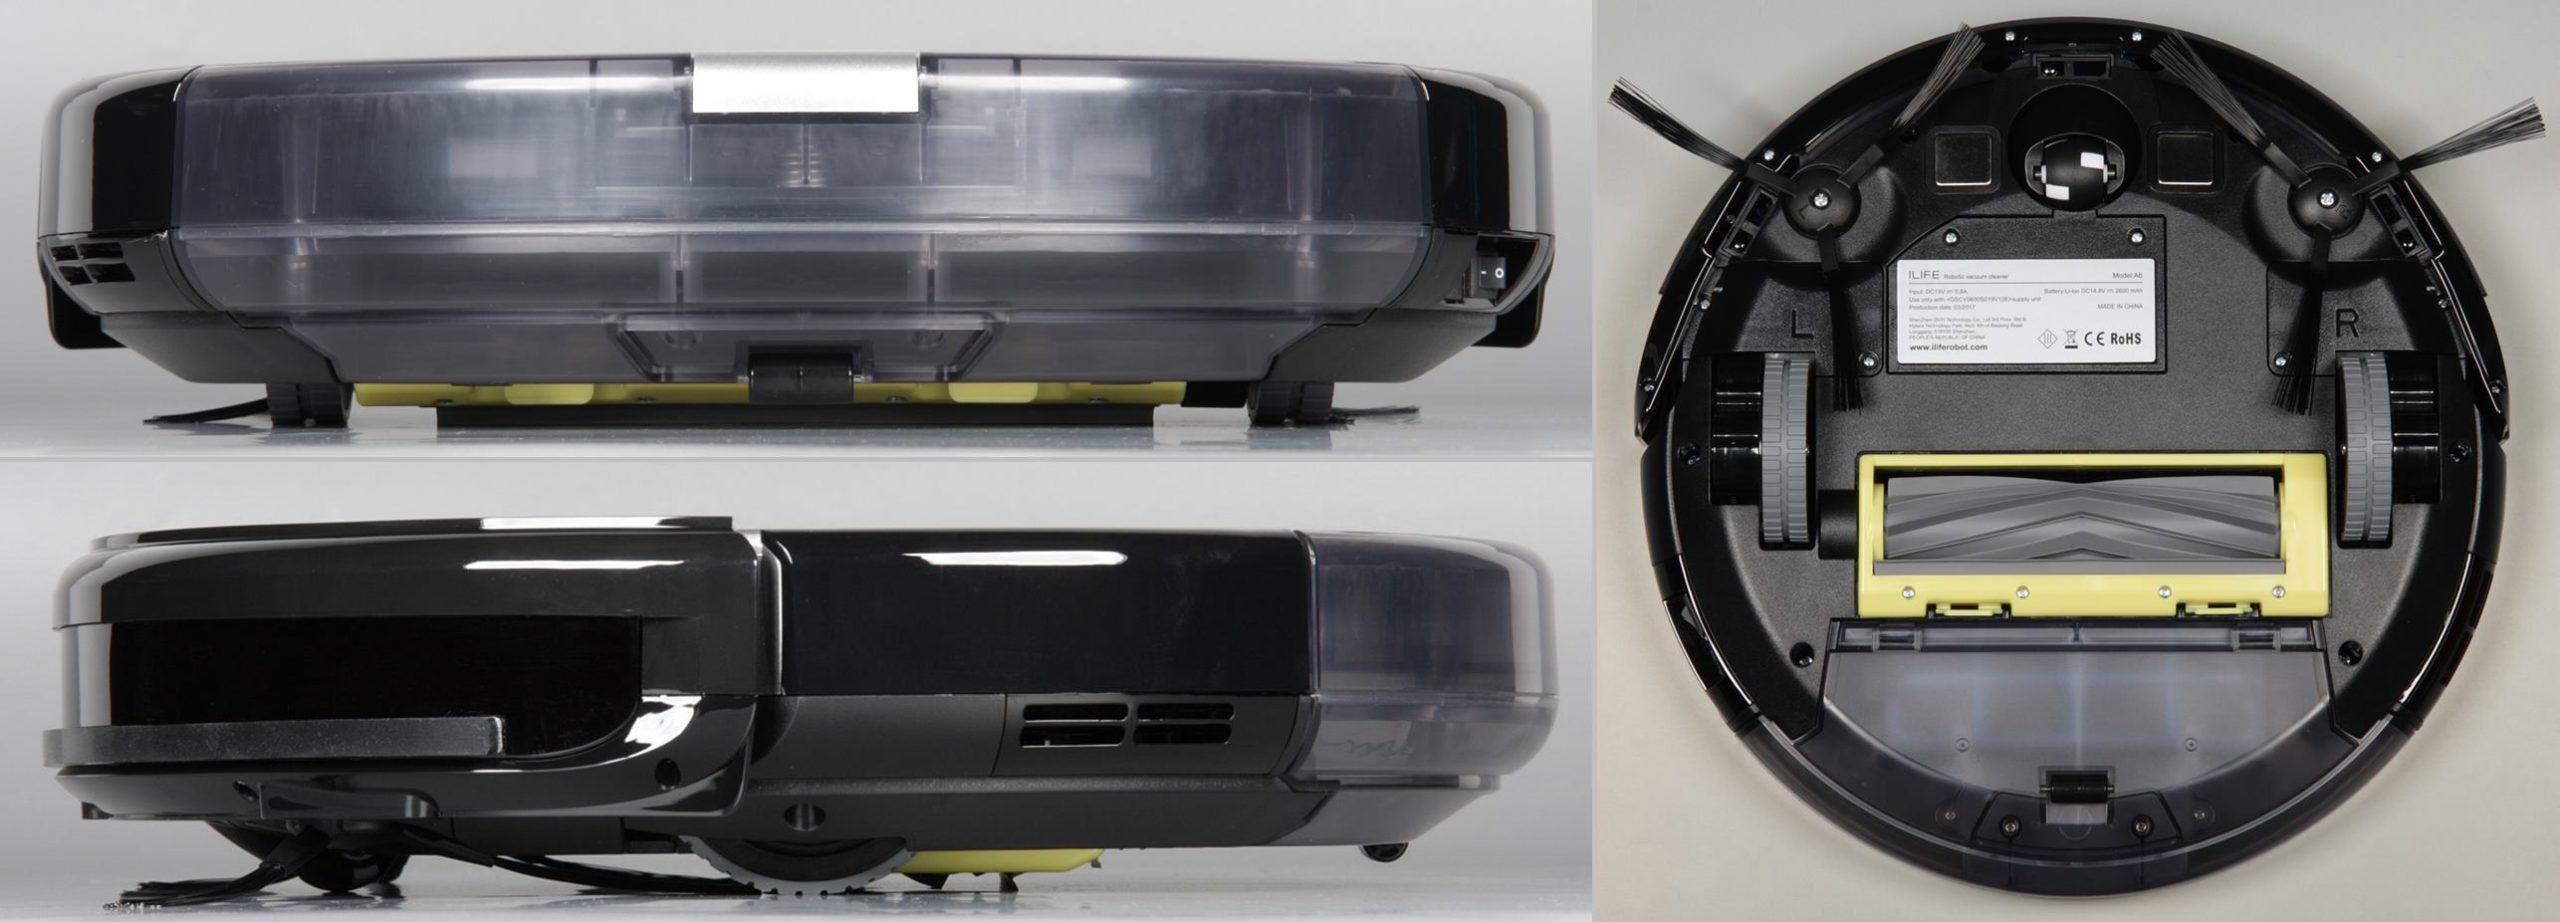 робот пылесос ilife a6 отзывы покупателей